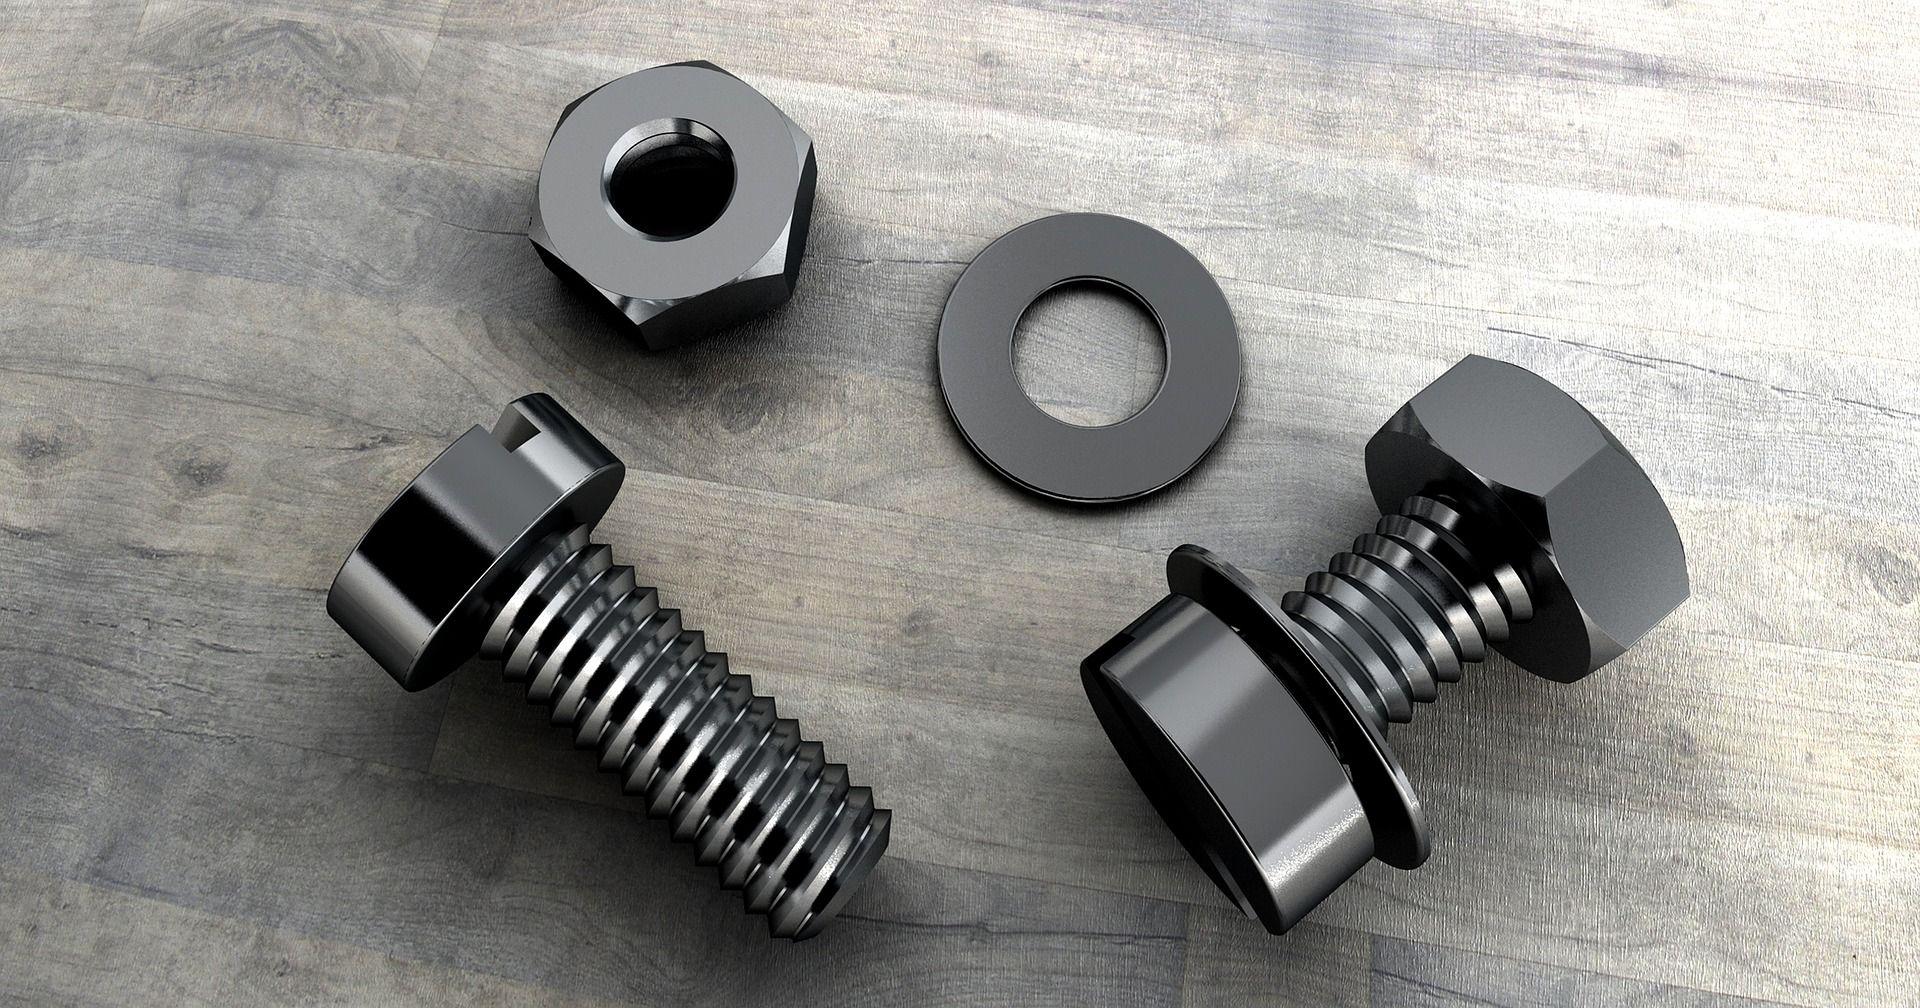 Mehr über den 3D Metall Drucker Preis erfahren